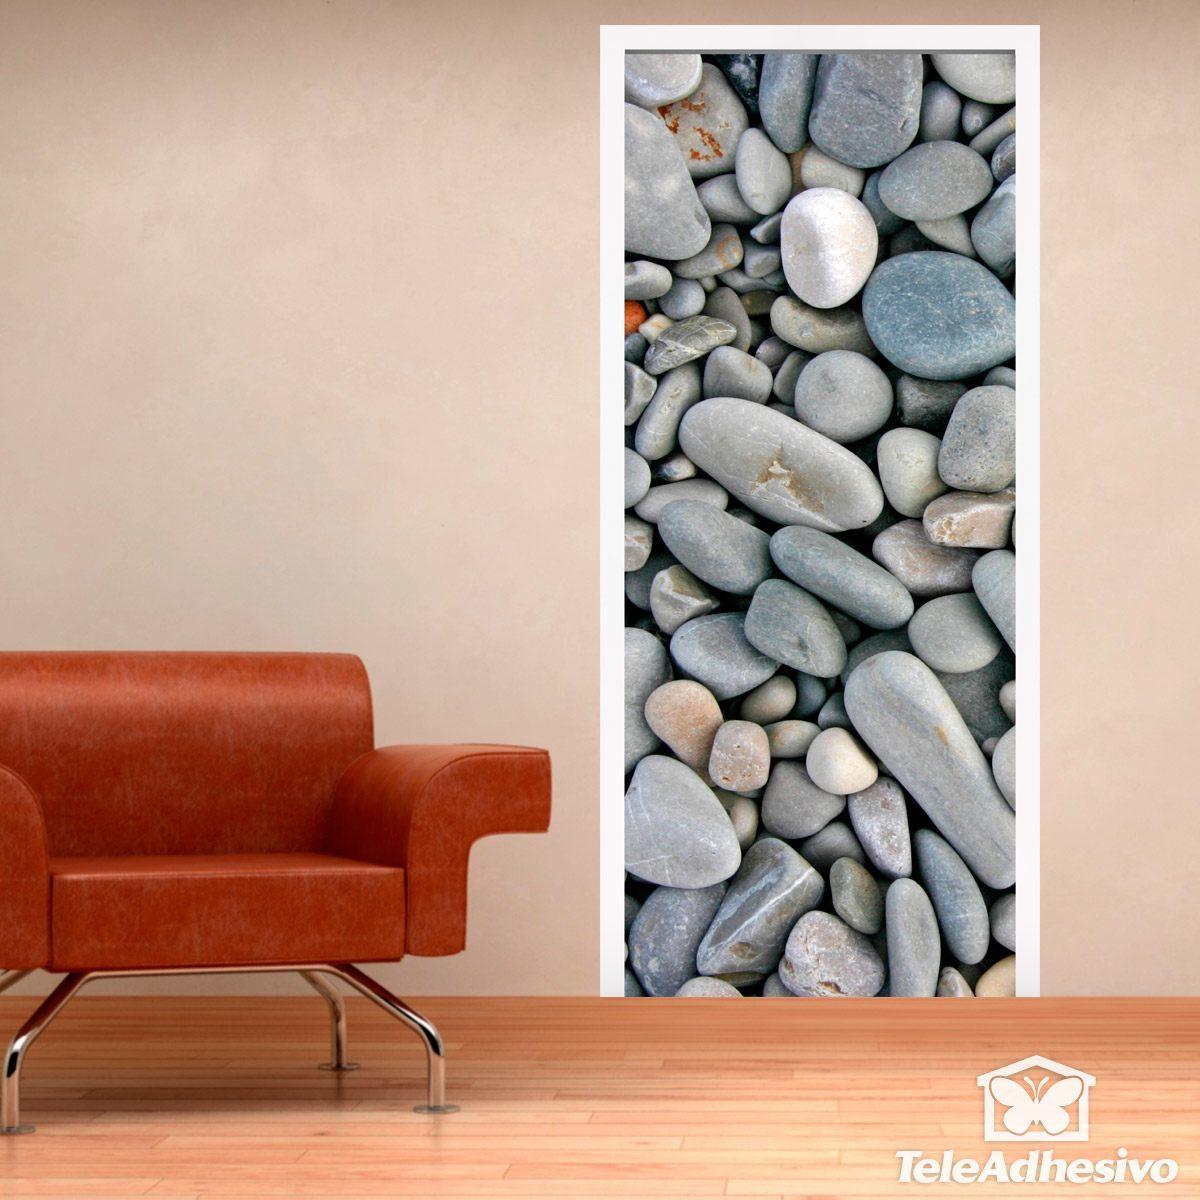 Adhesivos decorativos originales de puertas teleadhesivo for Precio de vinilos decorativos